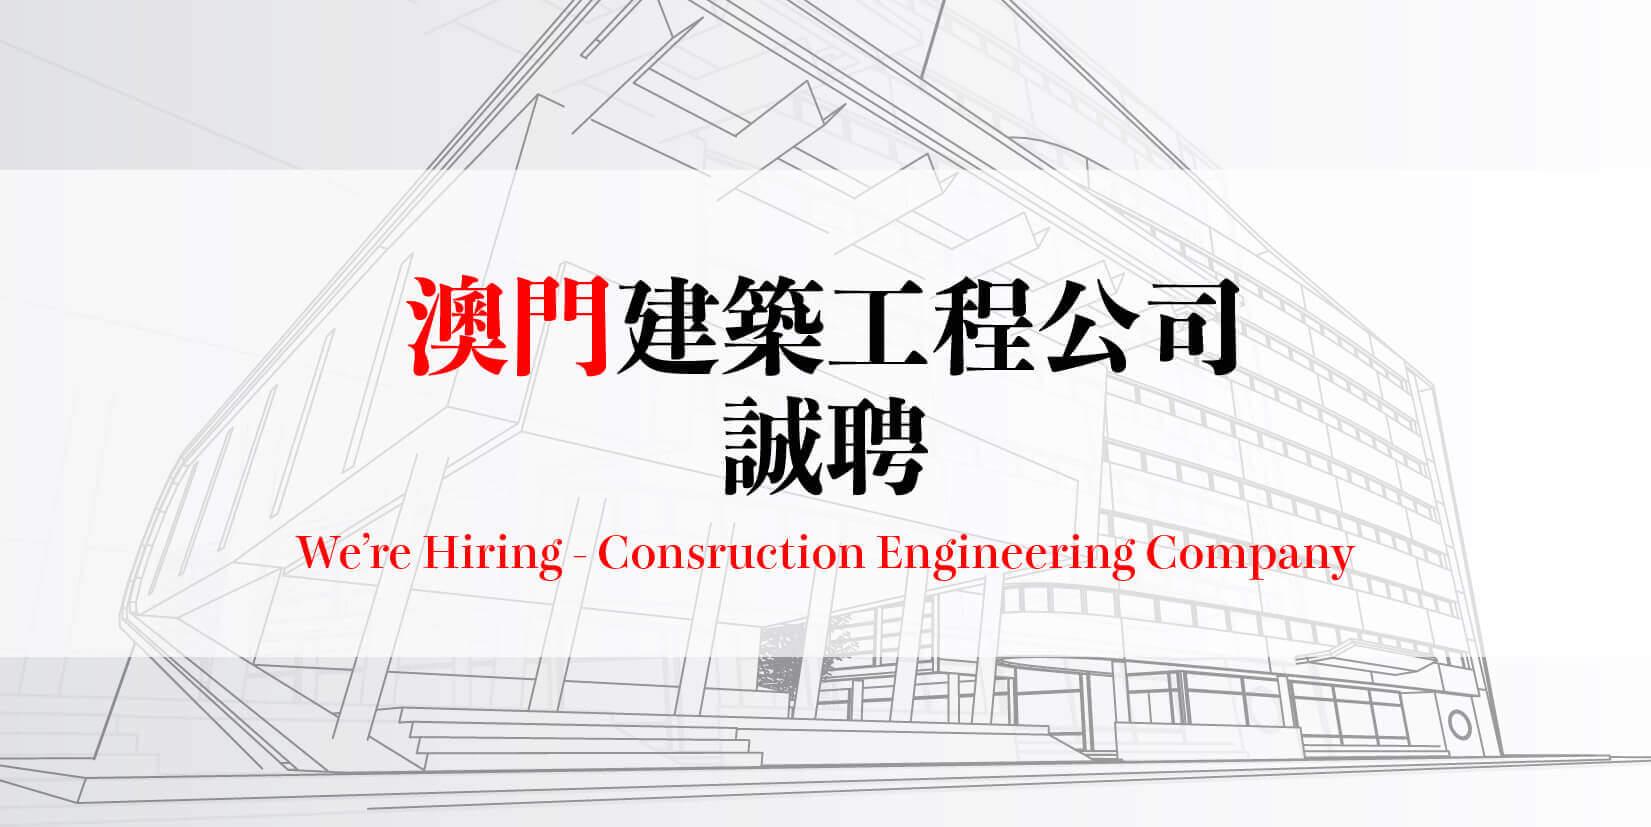 工程公司 macau jobscall.me recruitment ad 澳門招聘-01-2.jpg